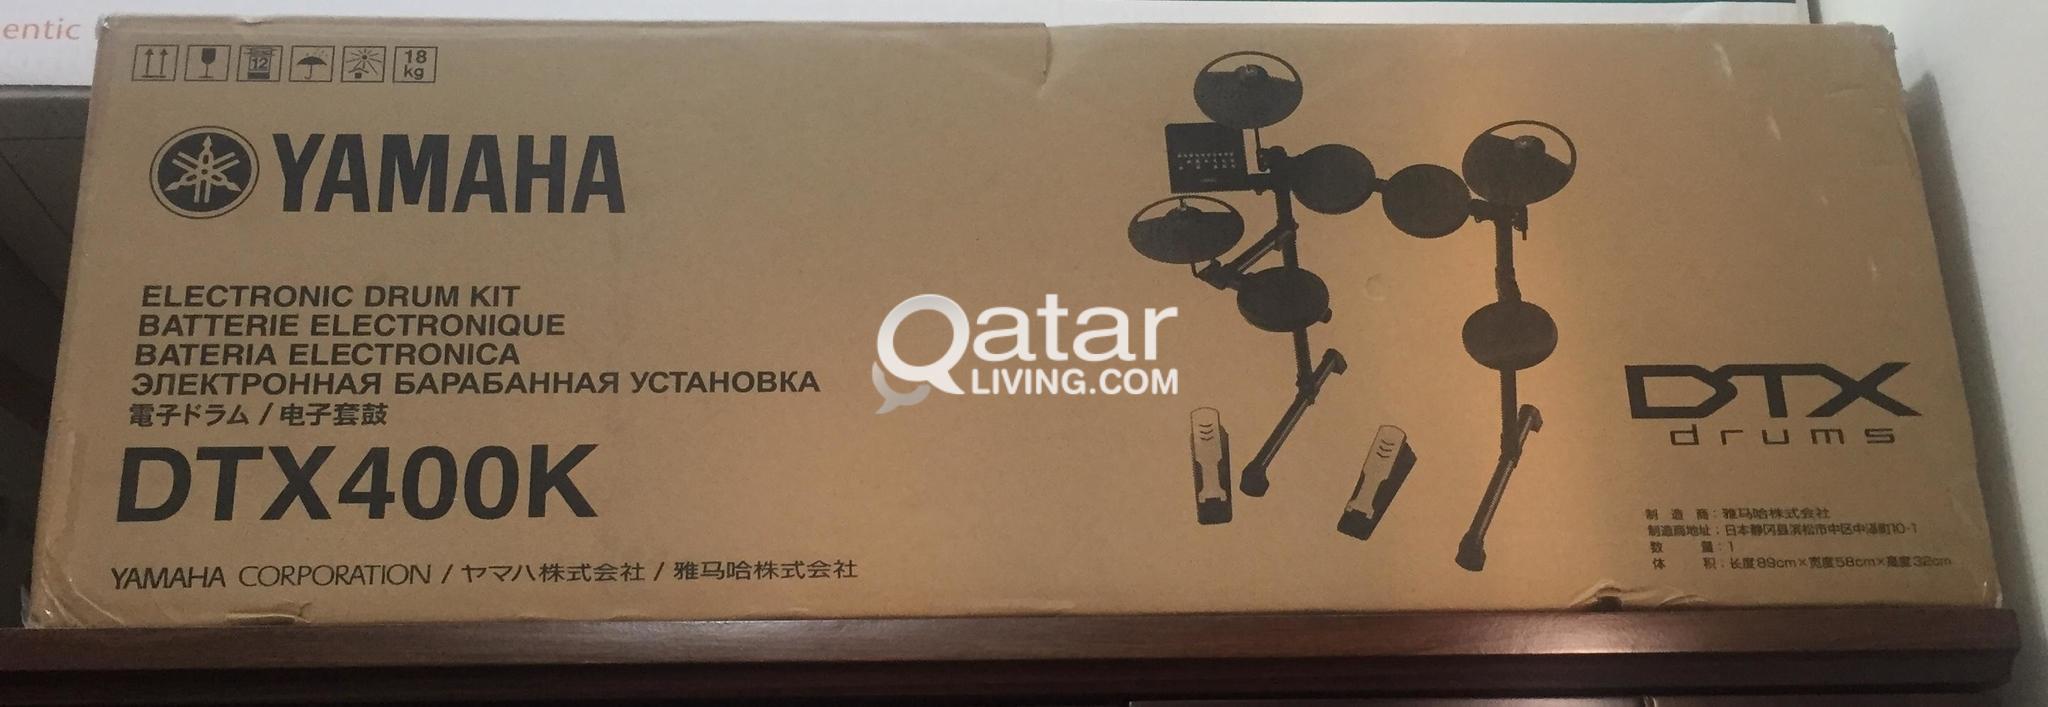 Yamaha DTX 400K (electronic drum kit) Qr  2100/- contact